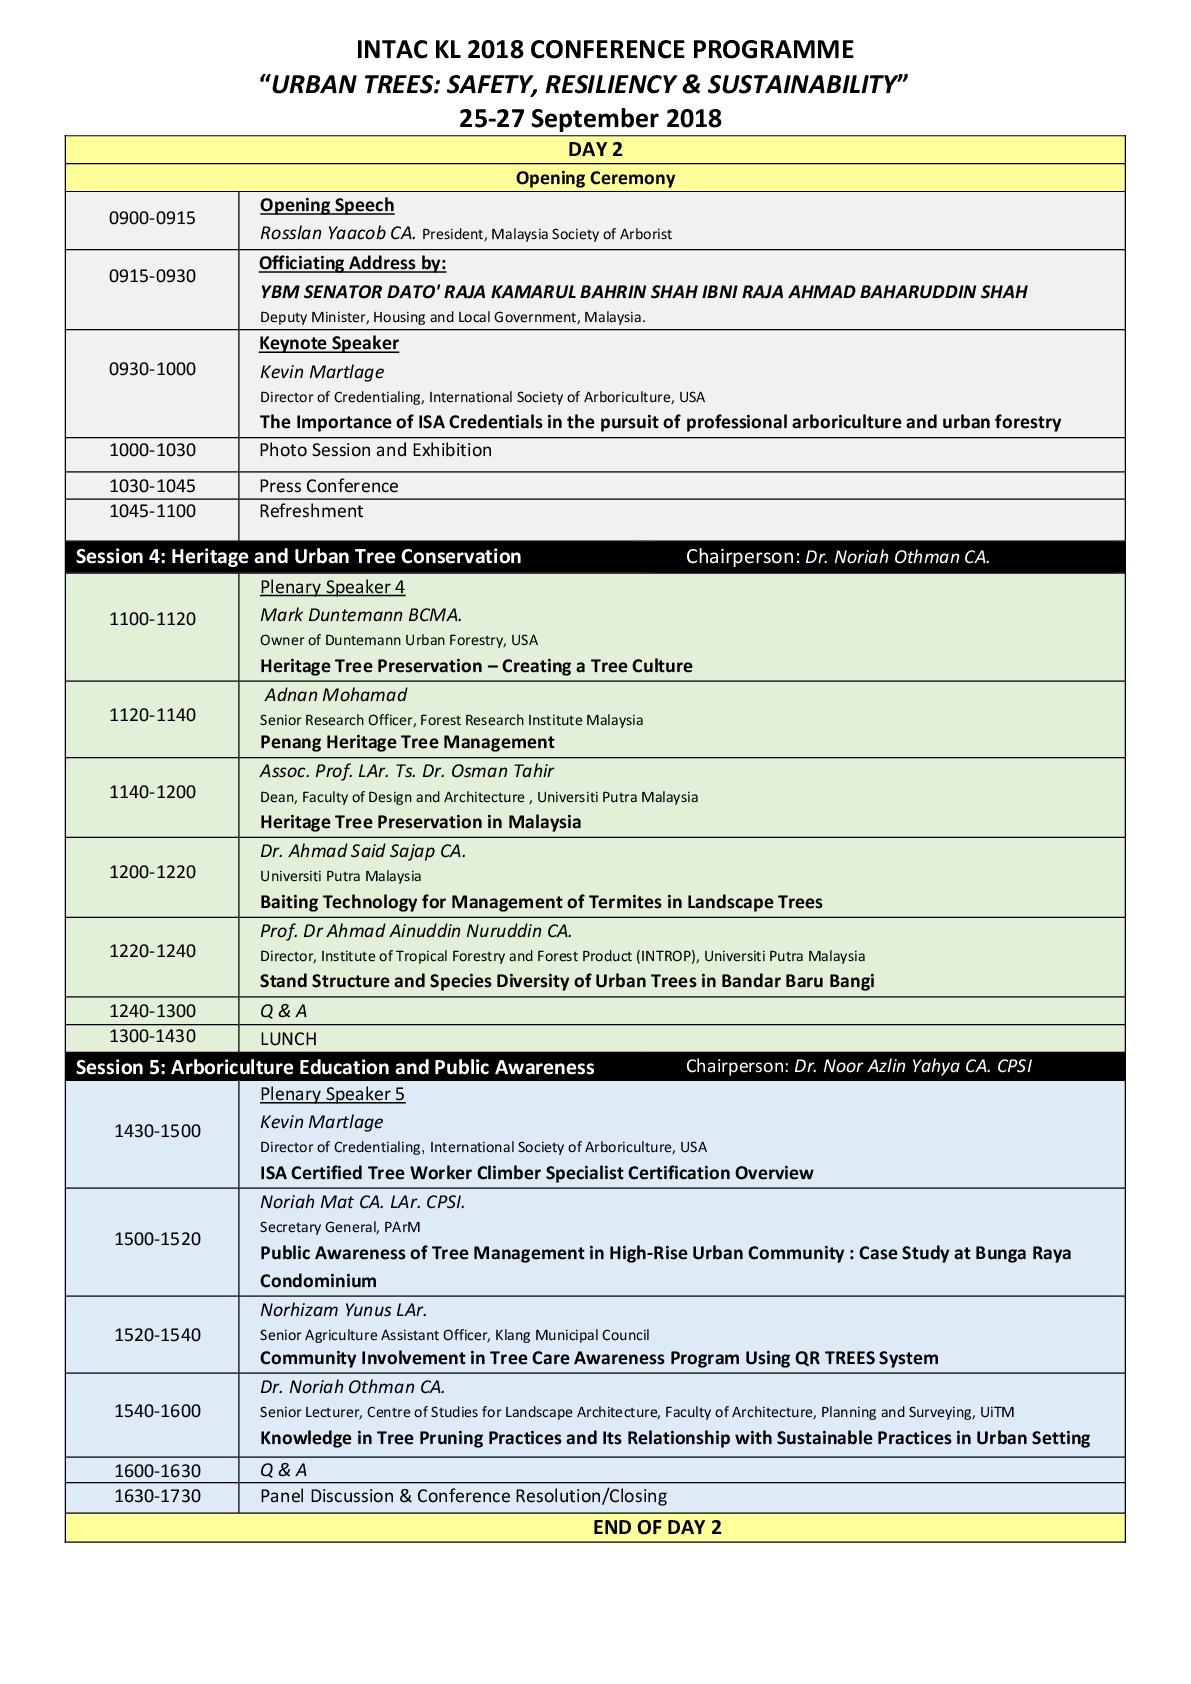 FINAL-Programe-INTAC-KL-2018---24-Sept-2018.pdf-mou-signing-002